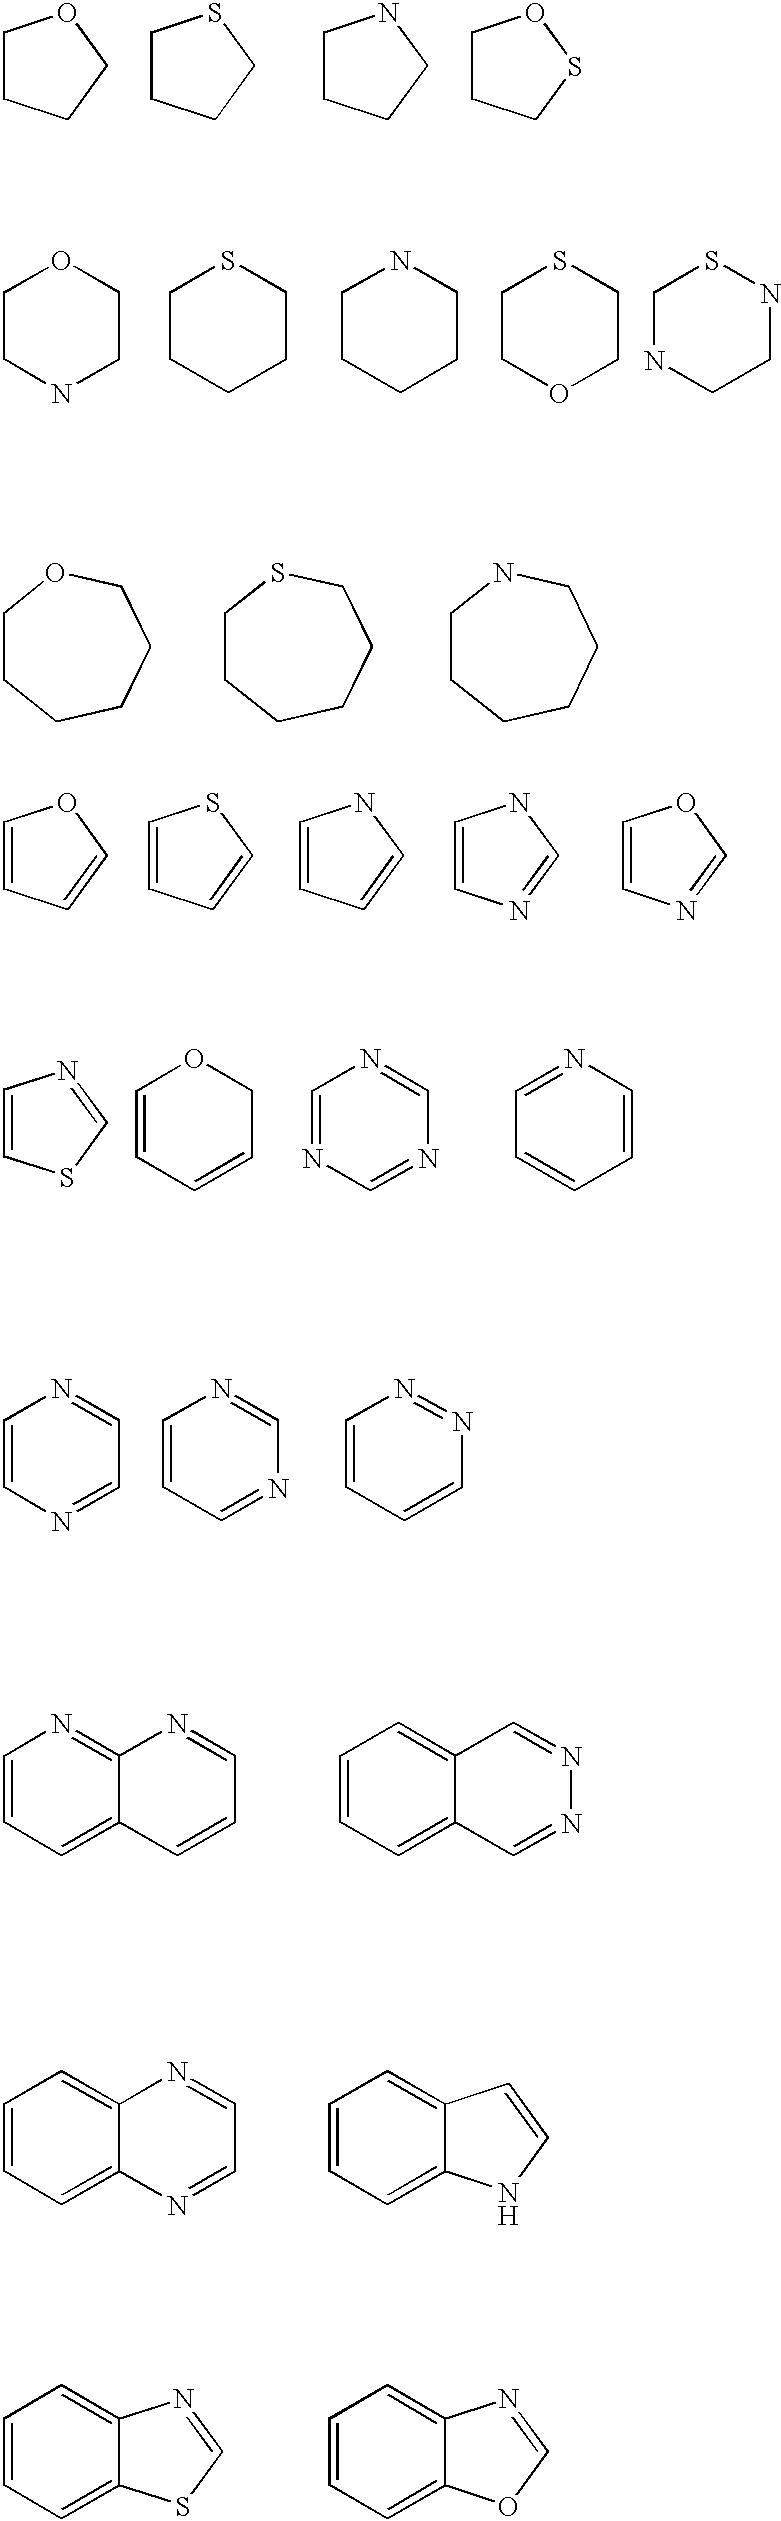 Figure US20030203890A1-20031030-C00002